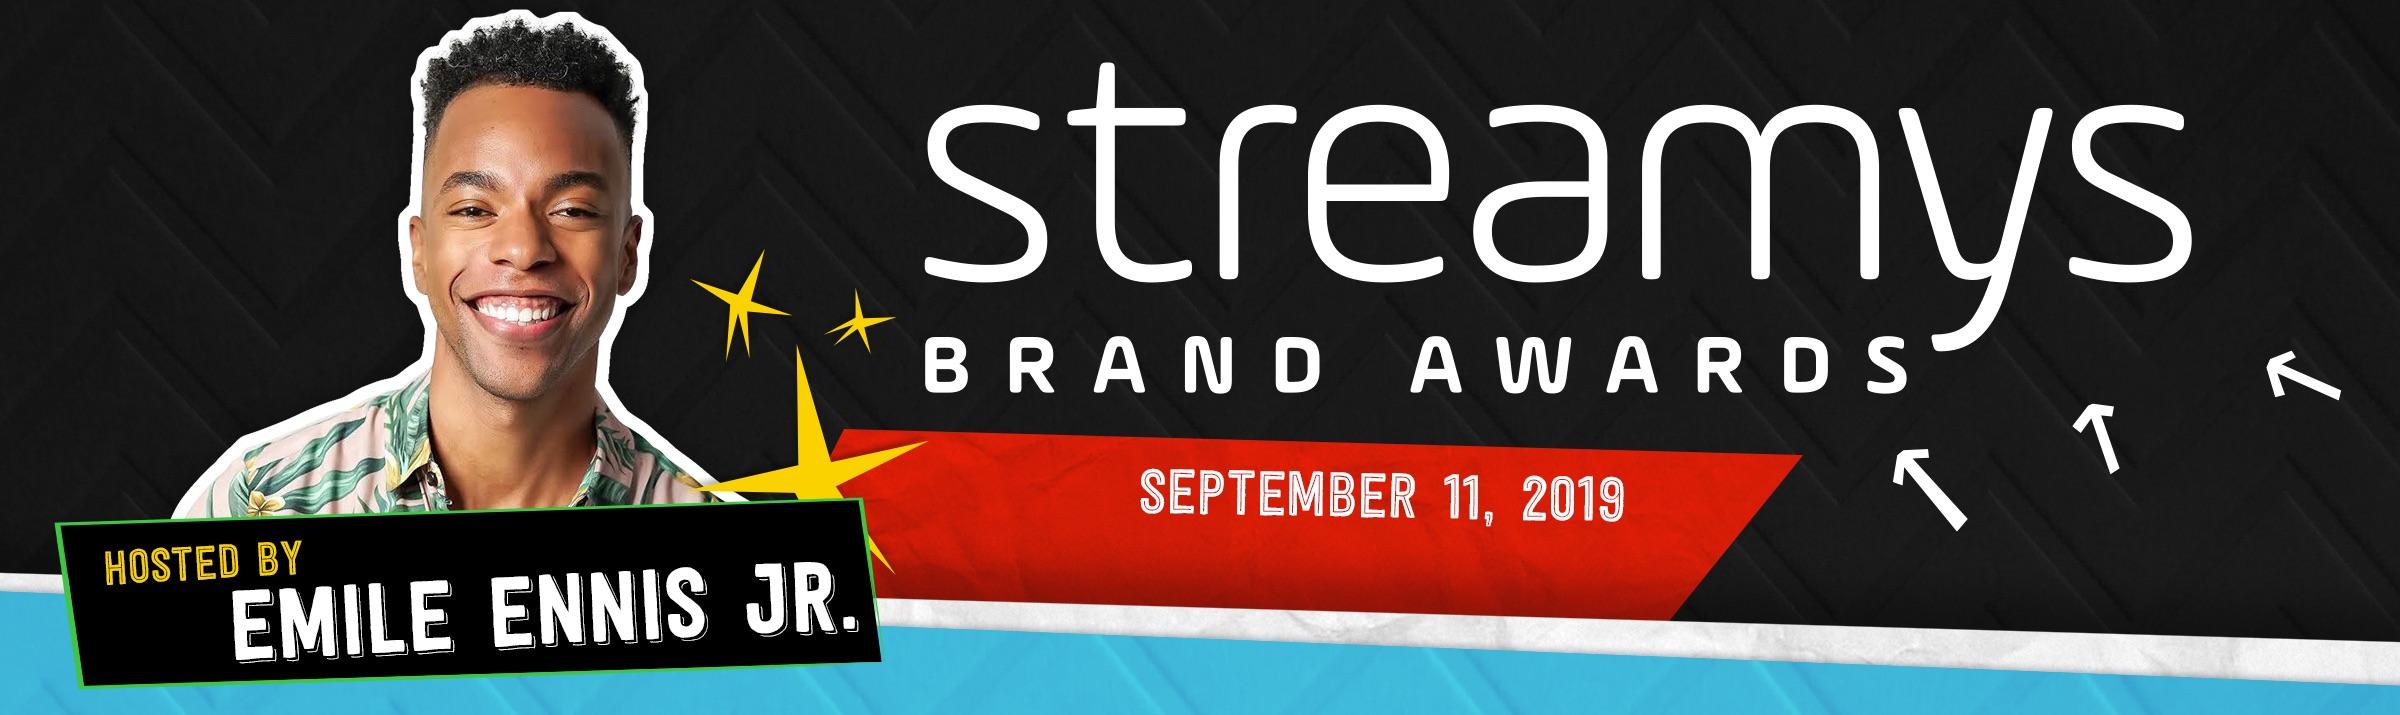 2019 Streamys Brand Awards